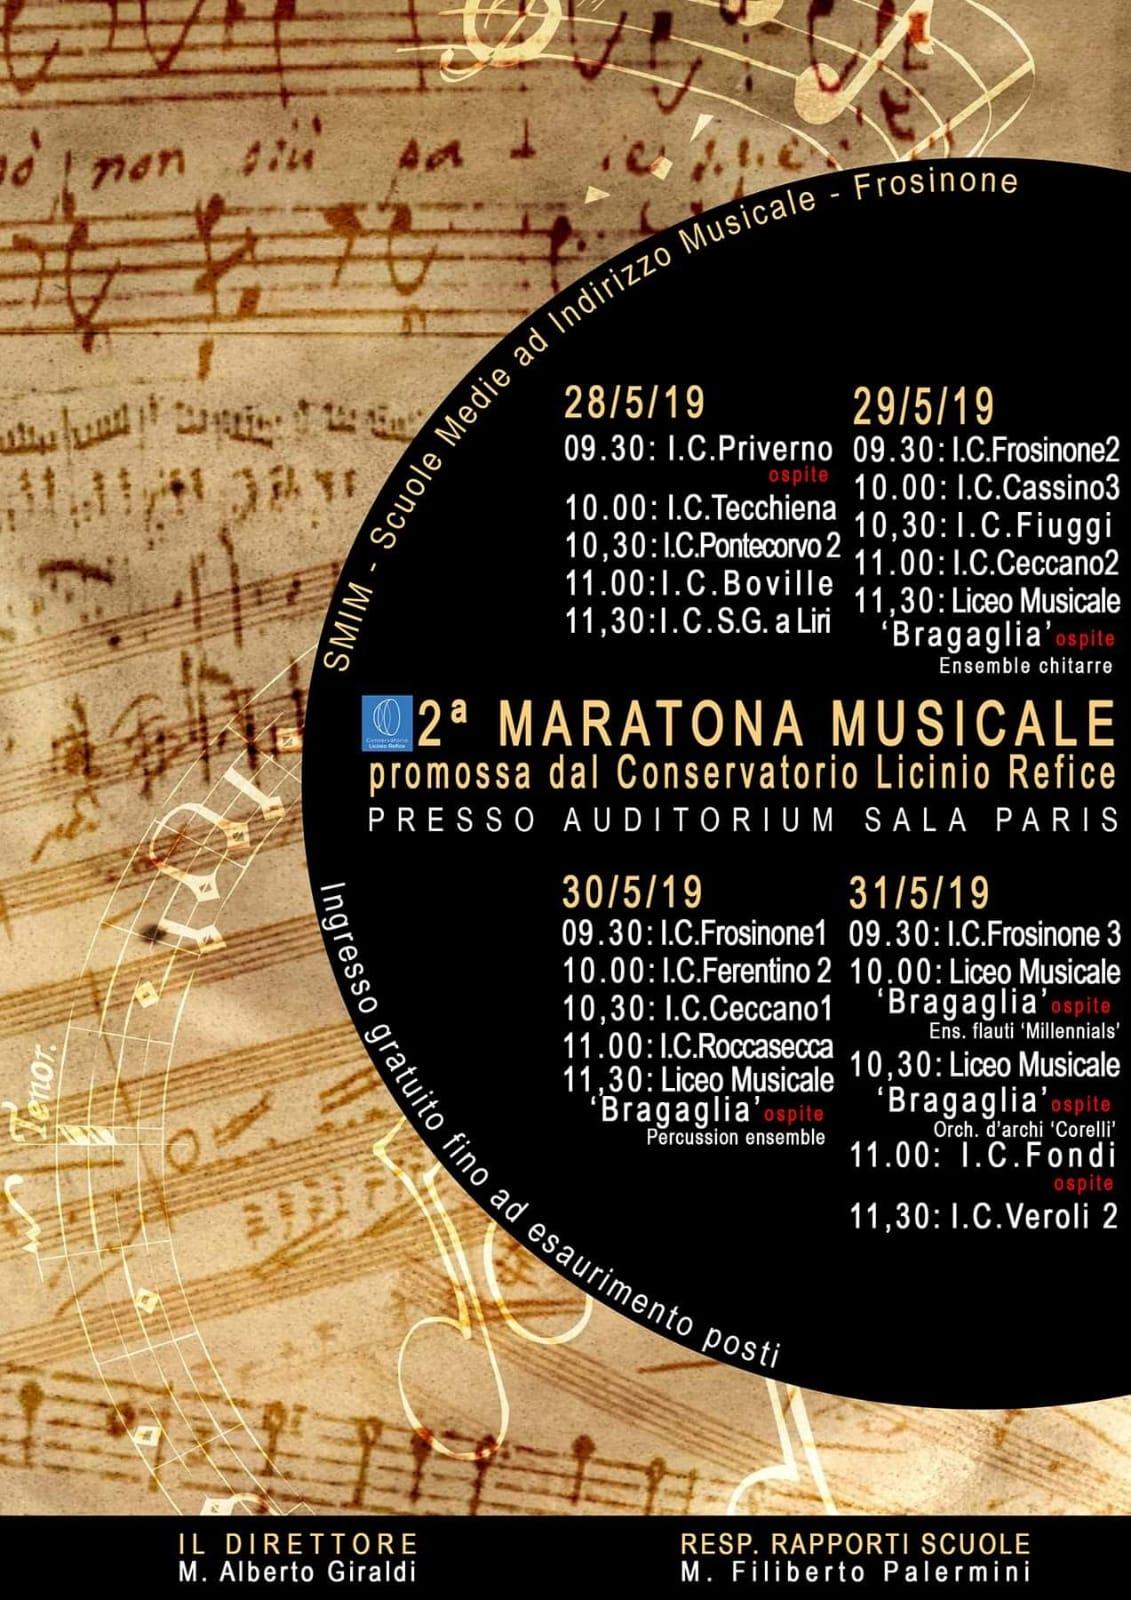 2a-maratona-musicale